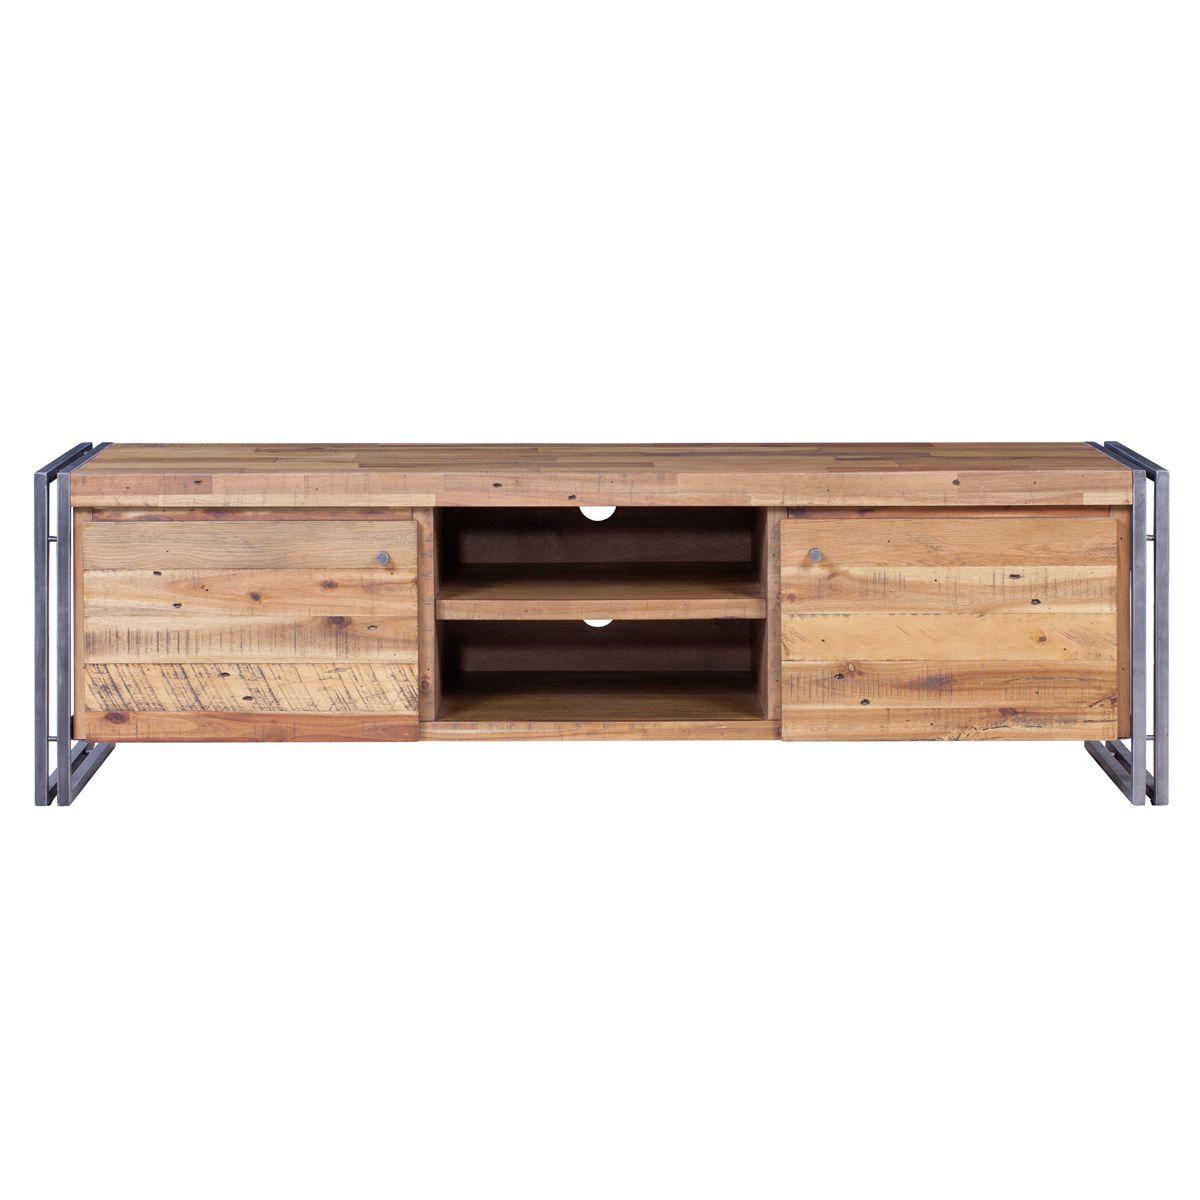 Meuble TV bois et métal 165 cm